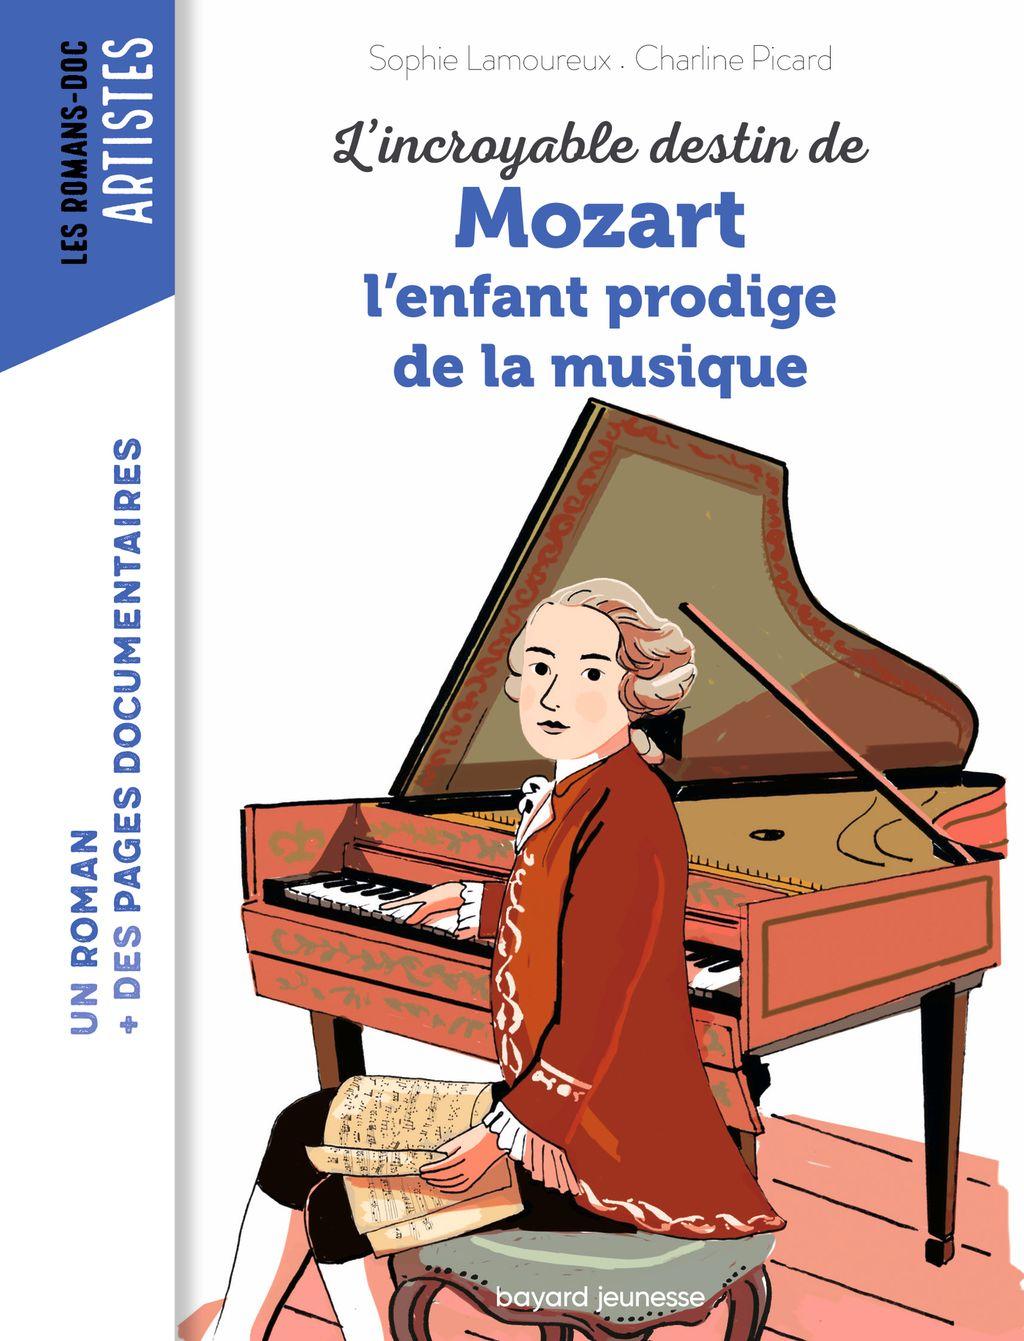 Couverture de «L'incroyable destin de Mozart, l'enfant prodige de la musique»